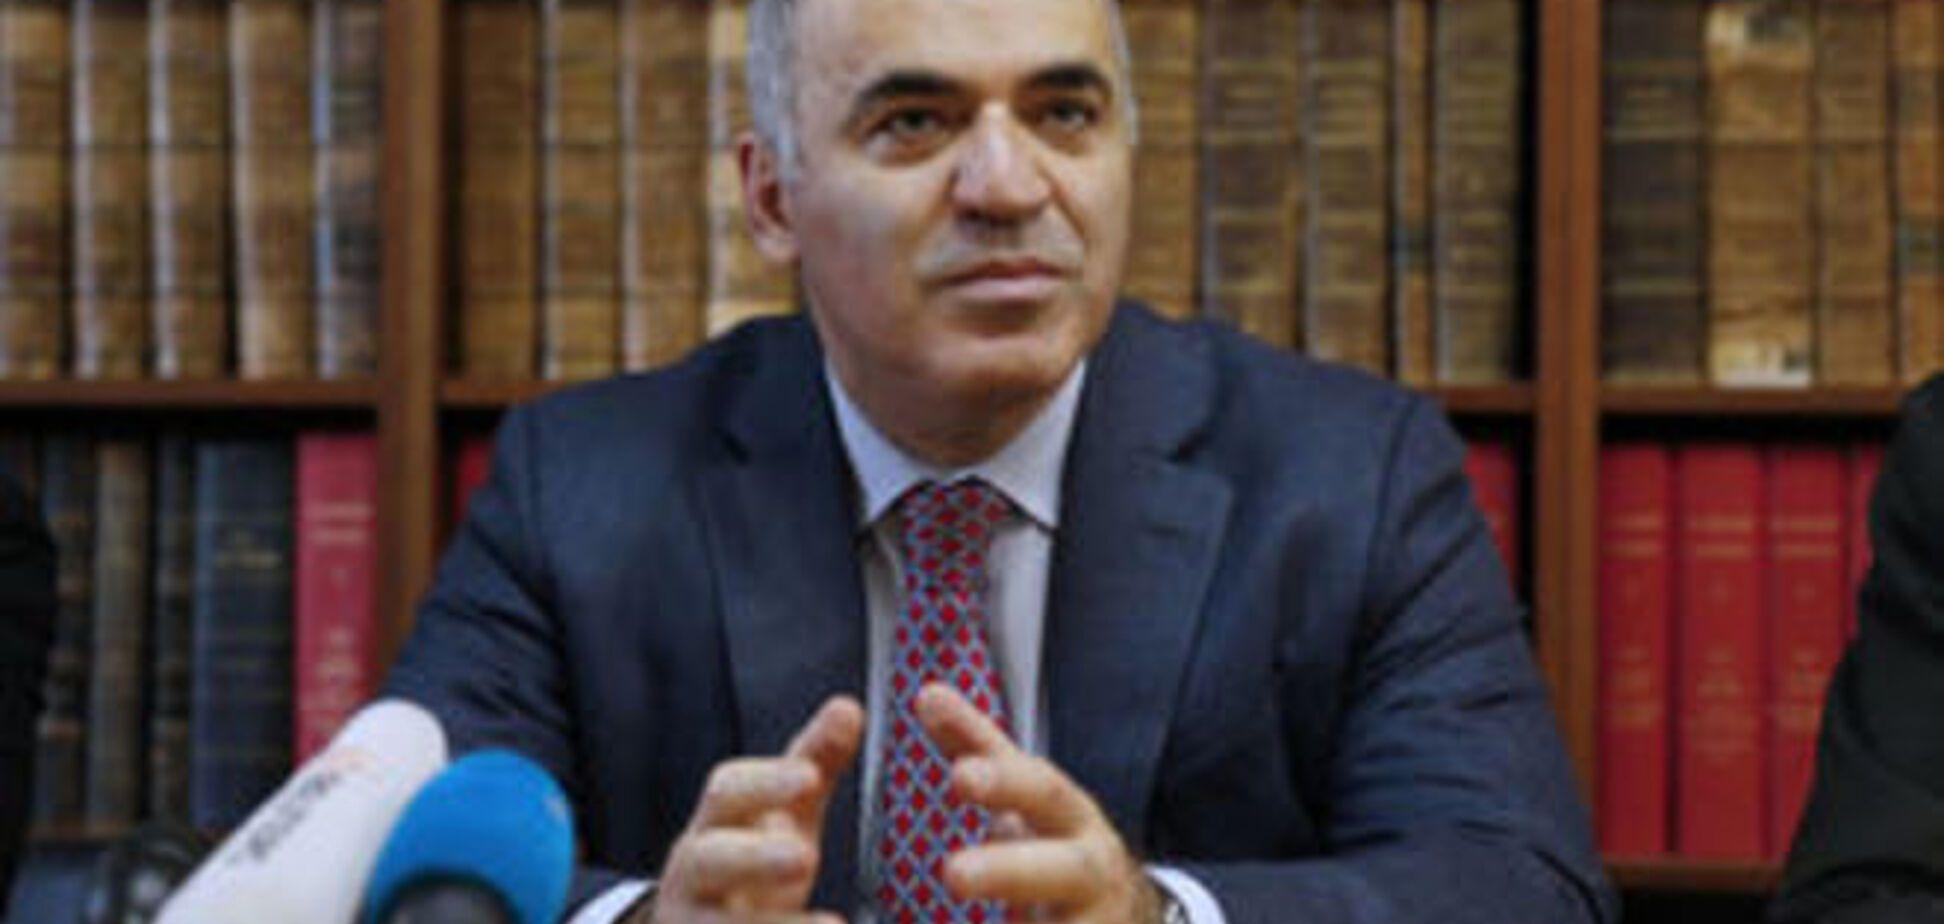 Каспаров объяснил, как Россия может за 30 секунд вернуть Украине Крым